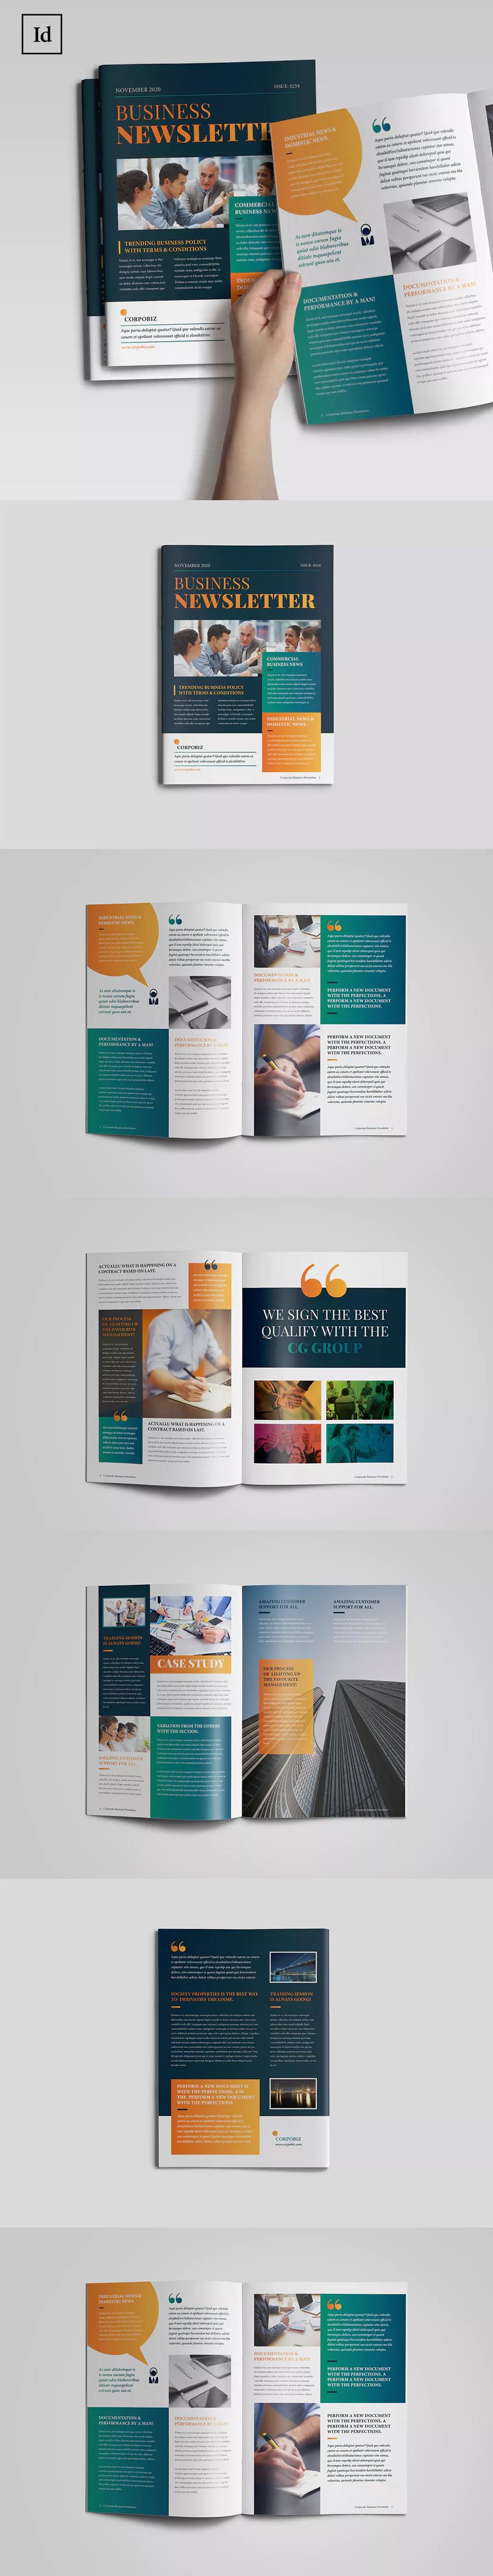 66套企业宣传册产品画册杂志排版作品集id设计模板indesign素材图片